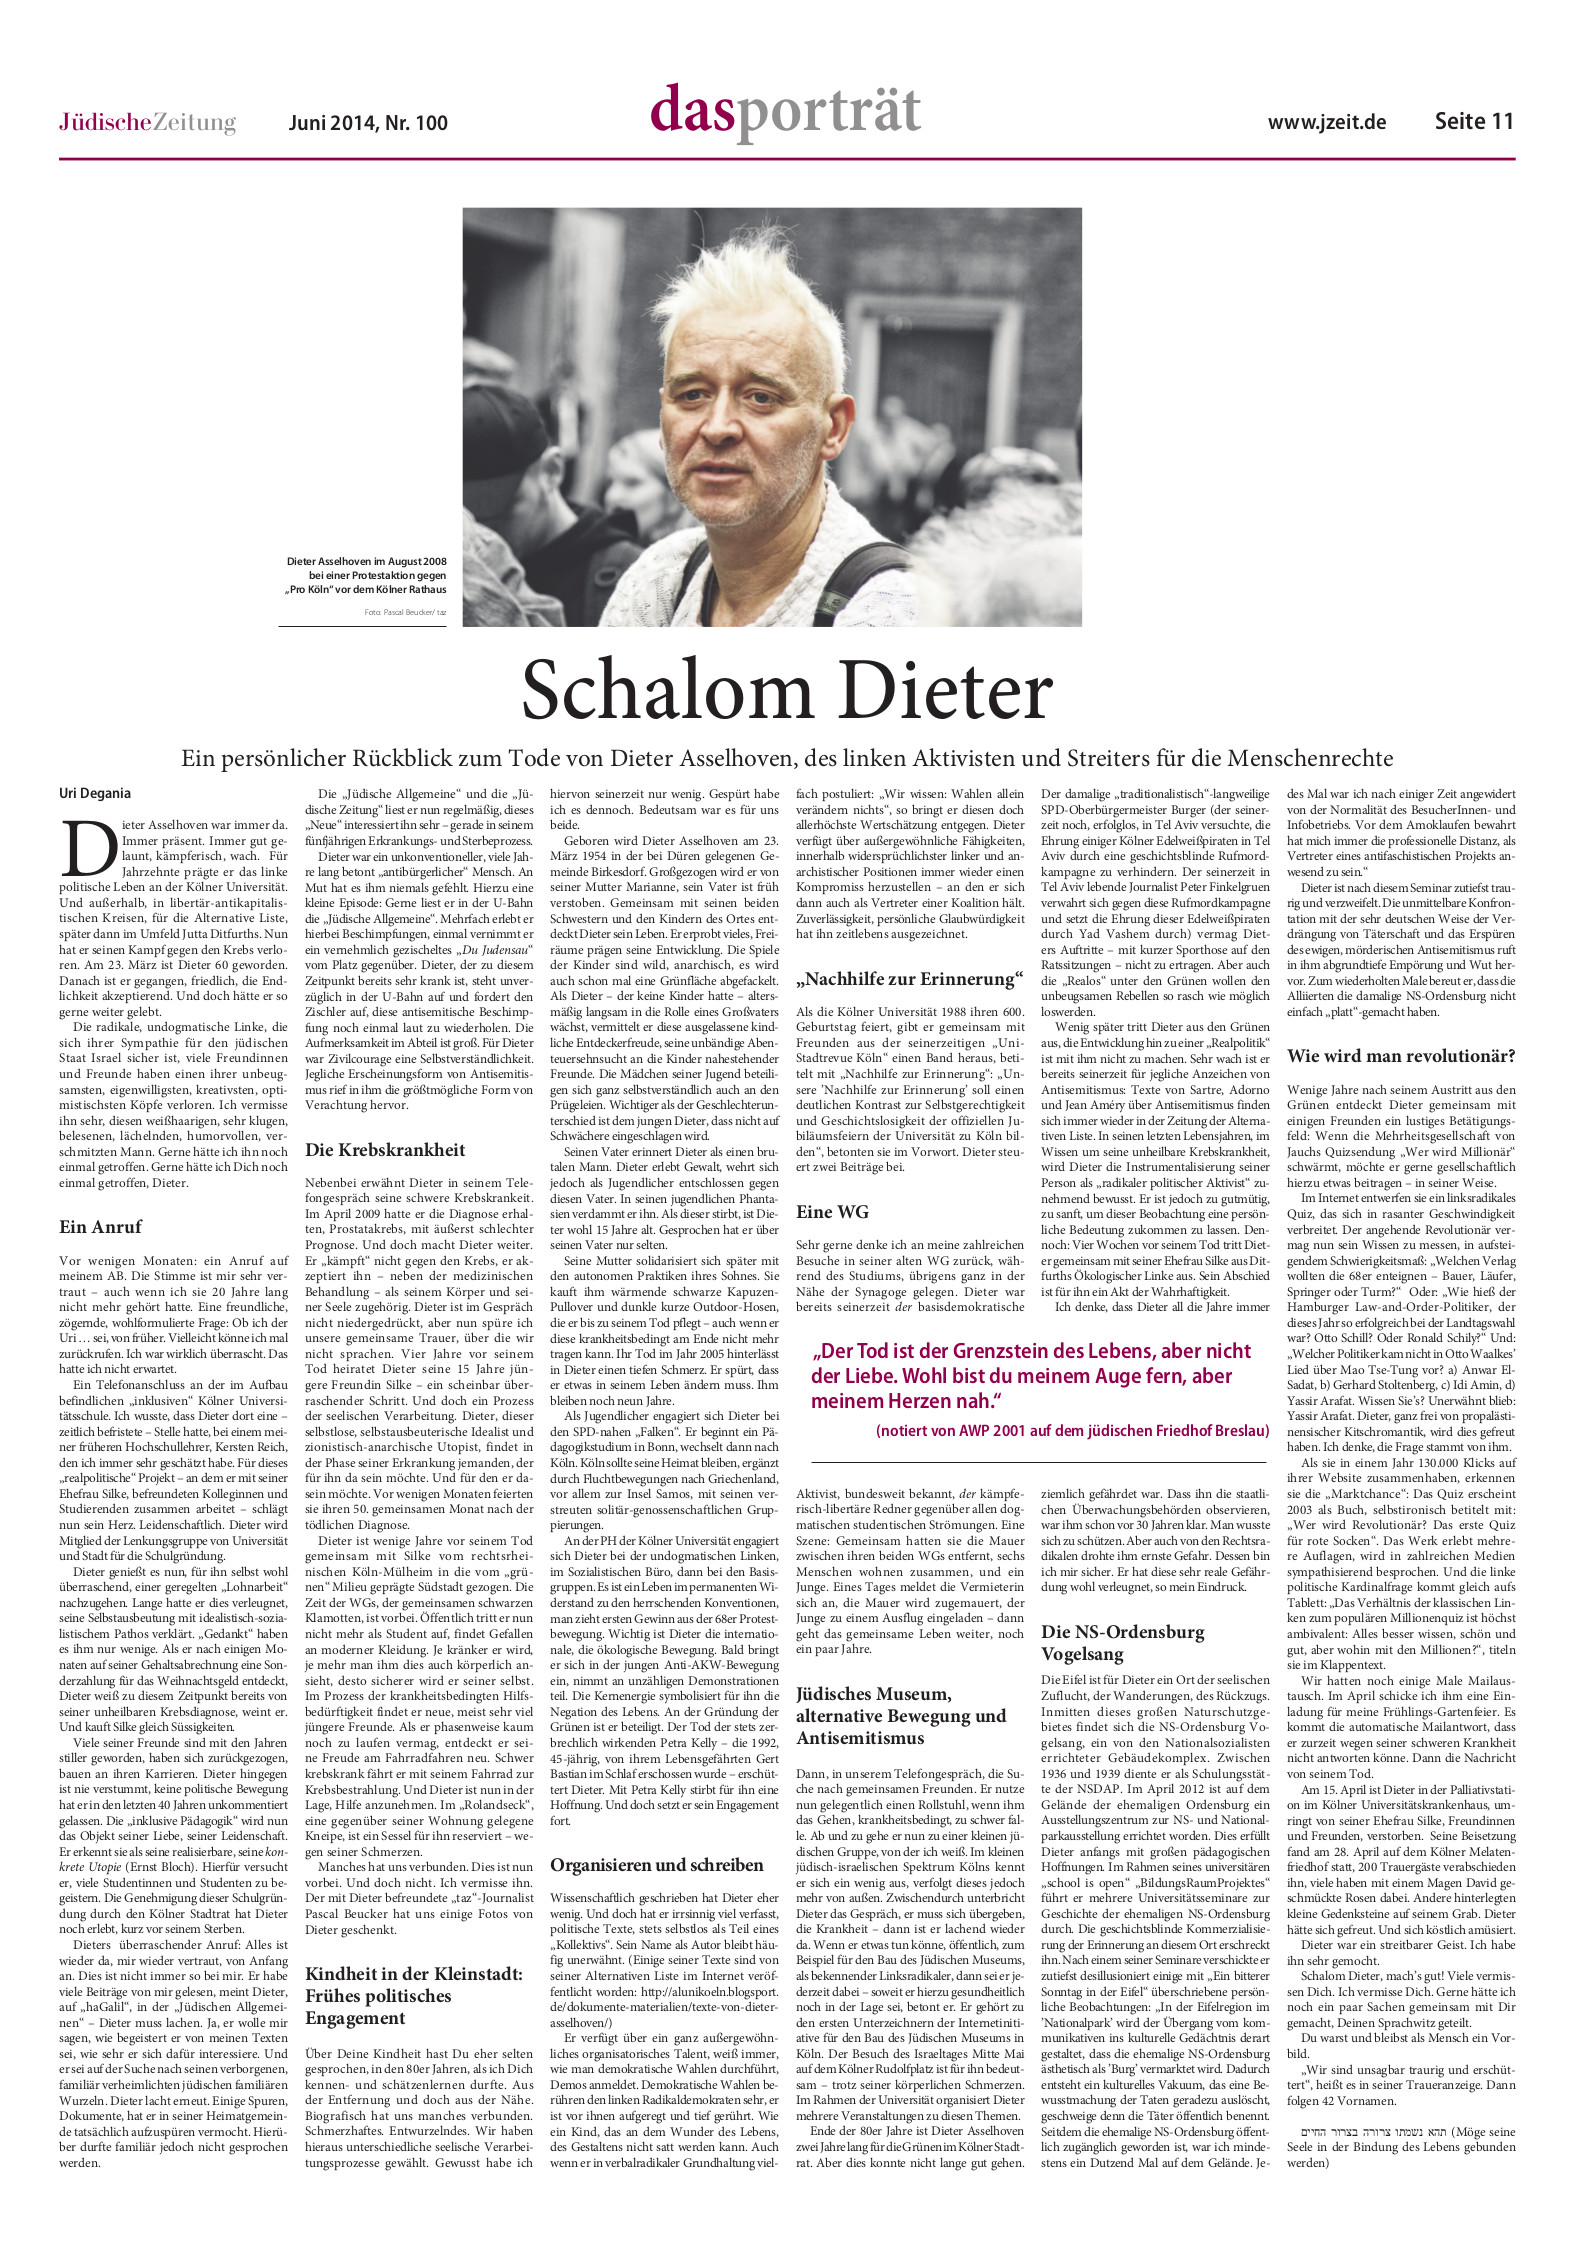 Jüdische Zeitung Nachruf Shalom Dieter JZD_02_06_14_Seite11.jpg